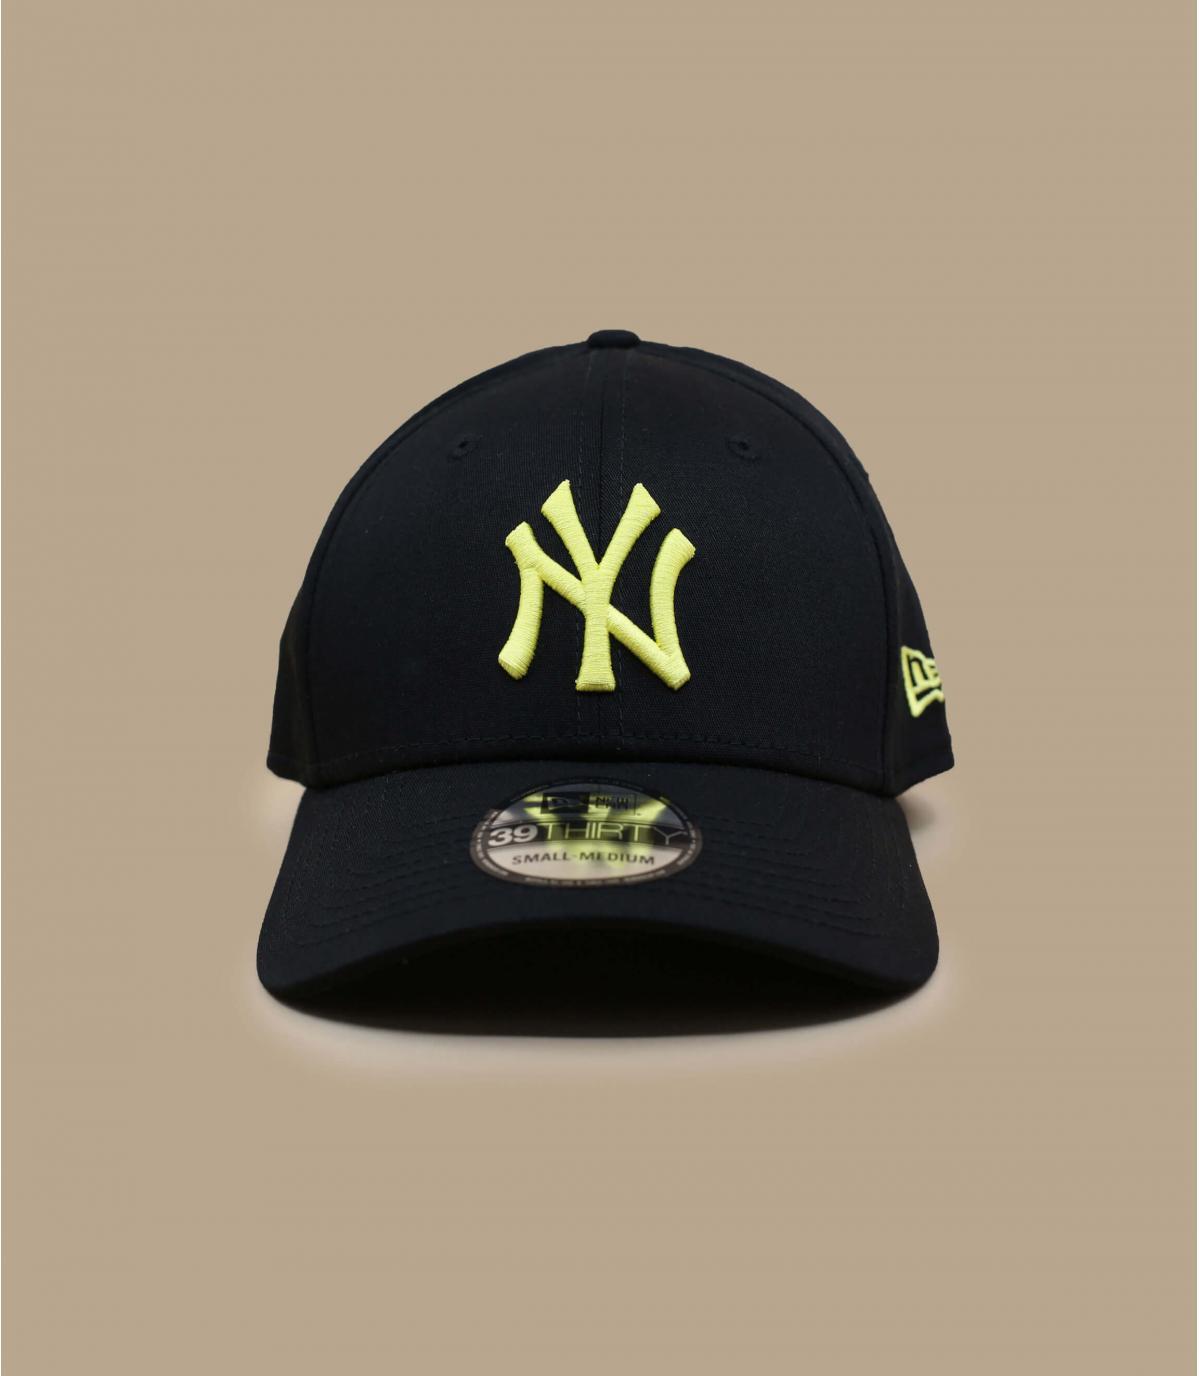 casquette NY stretch noir jaune